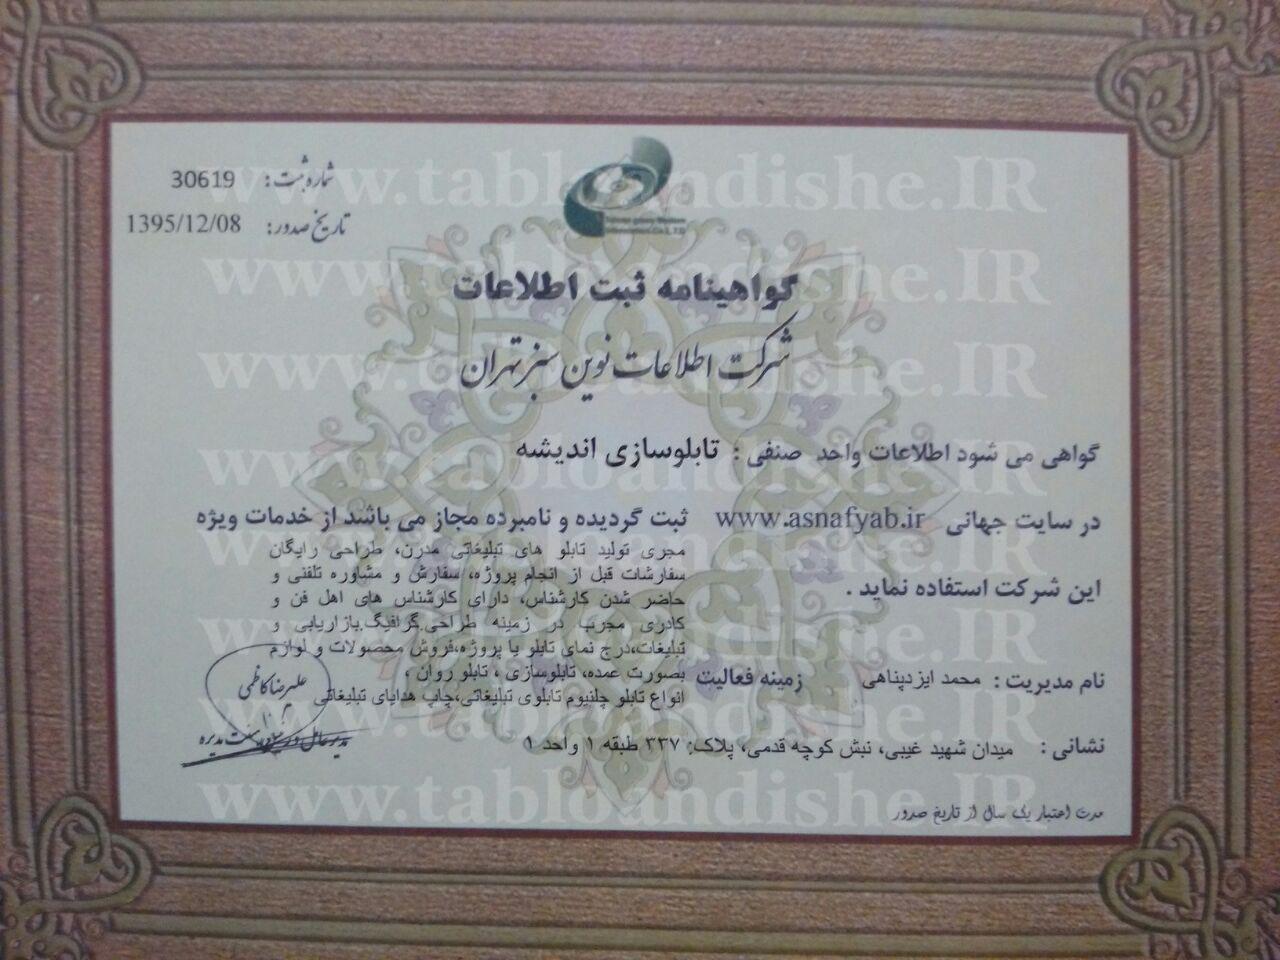 عکس گواهینامه ثبت اطلاعات سایت تابلو اندیشه